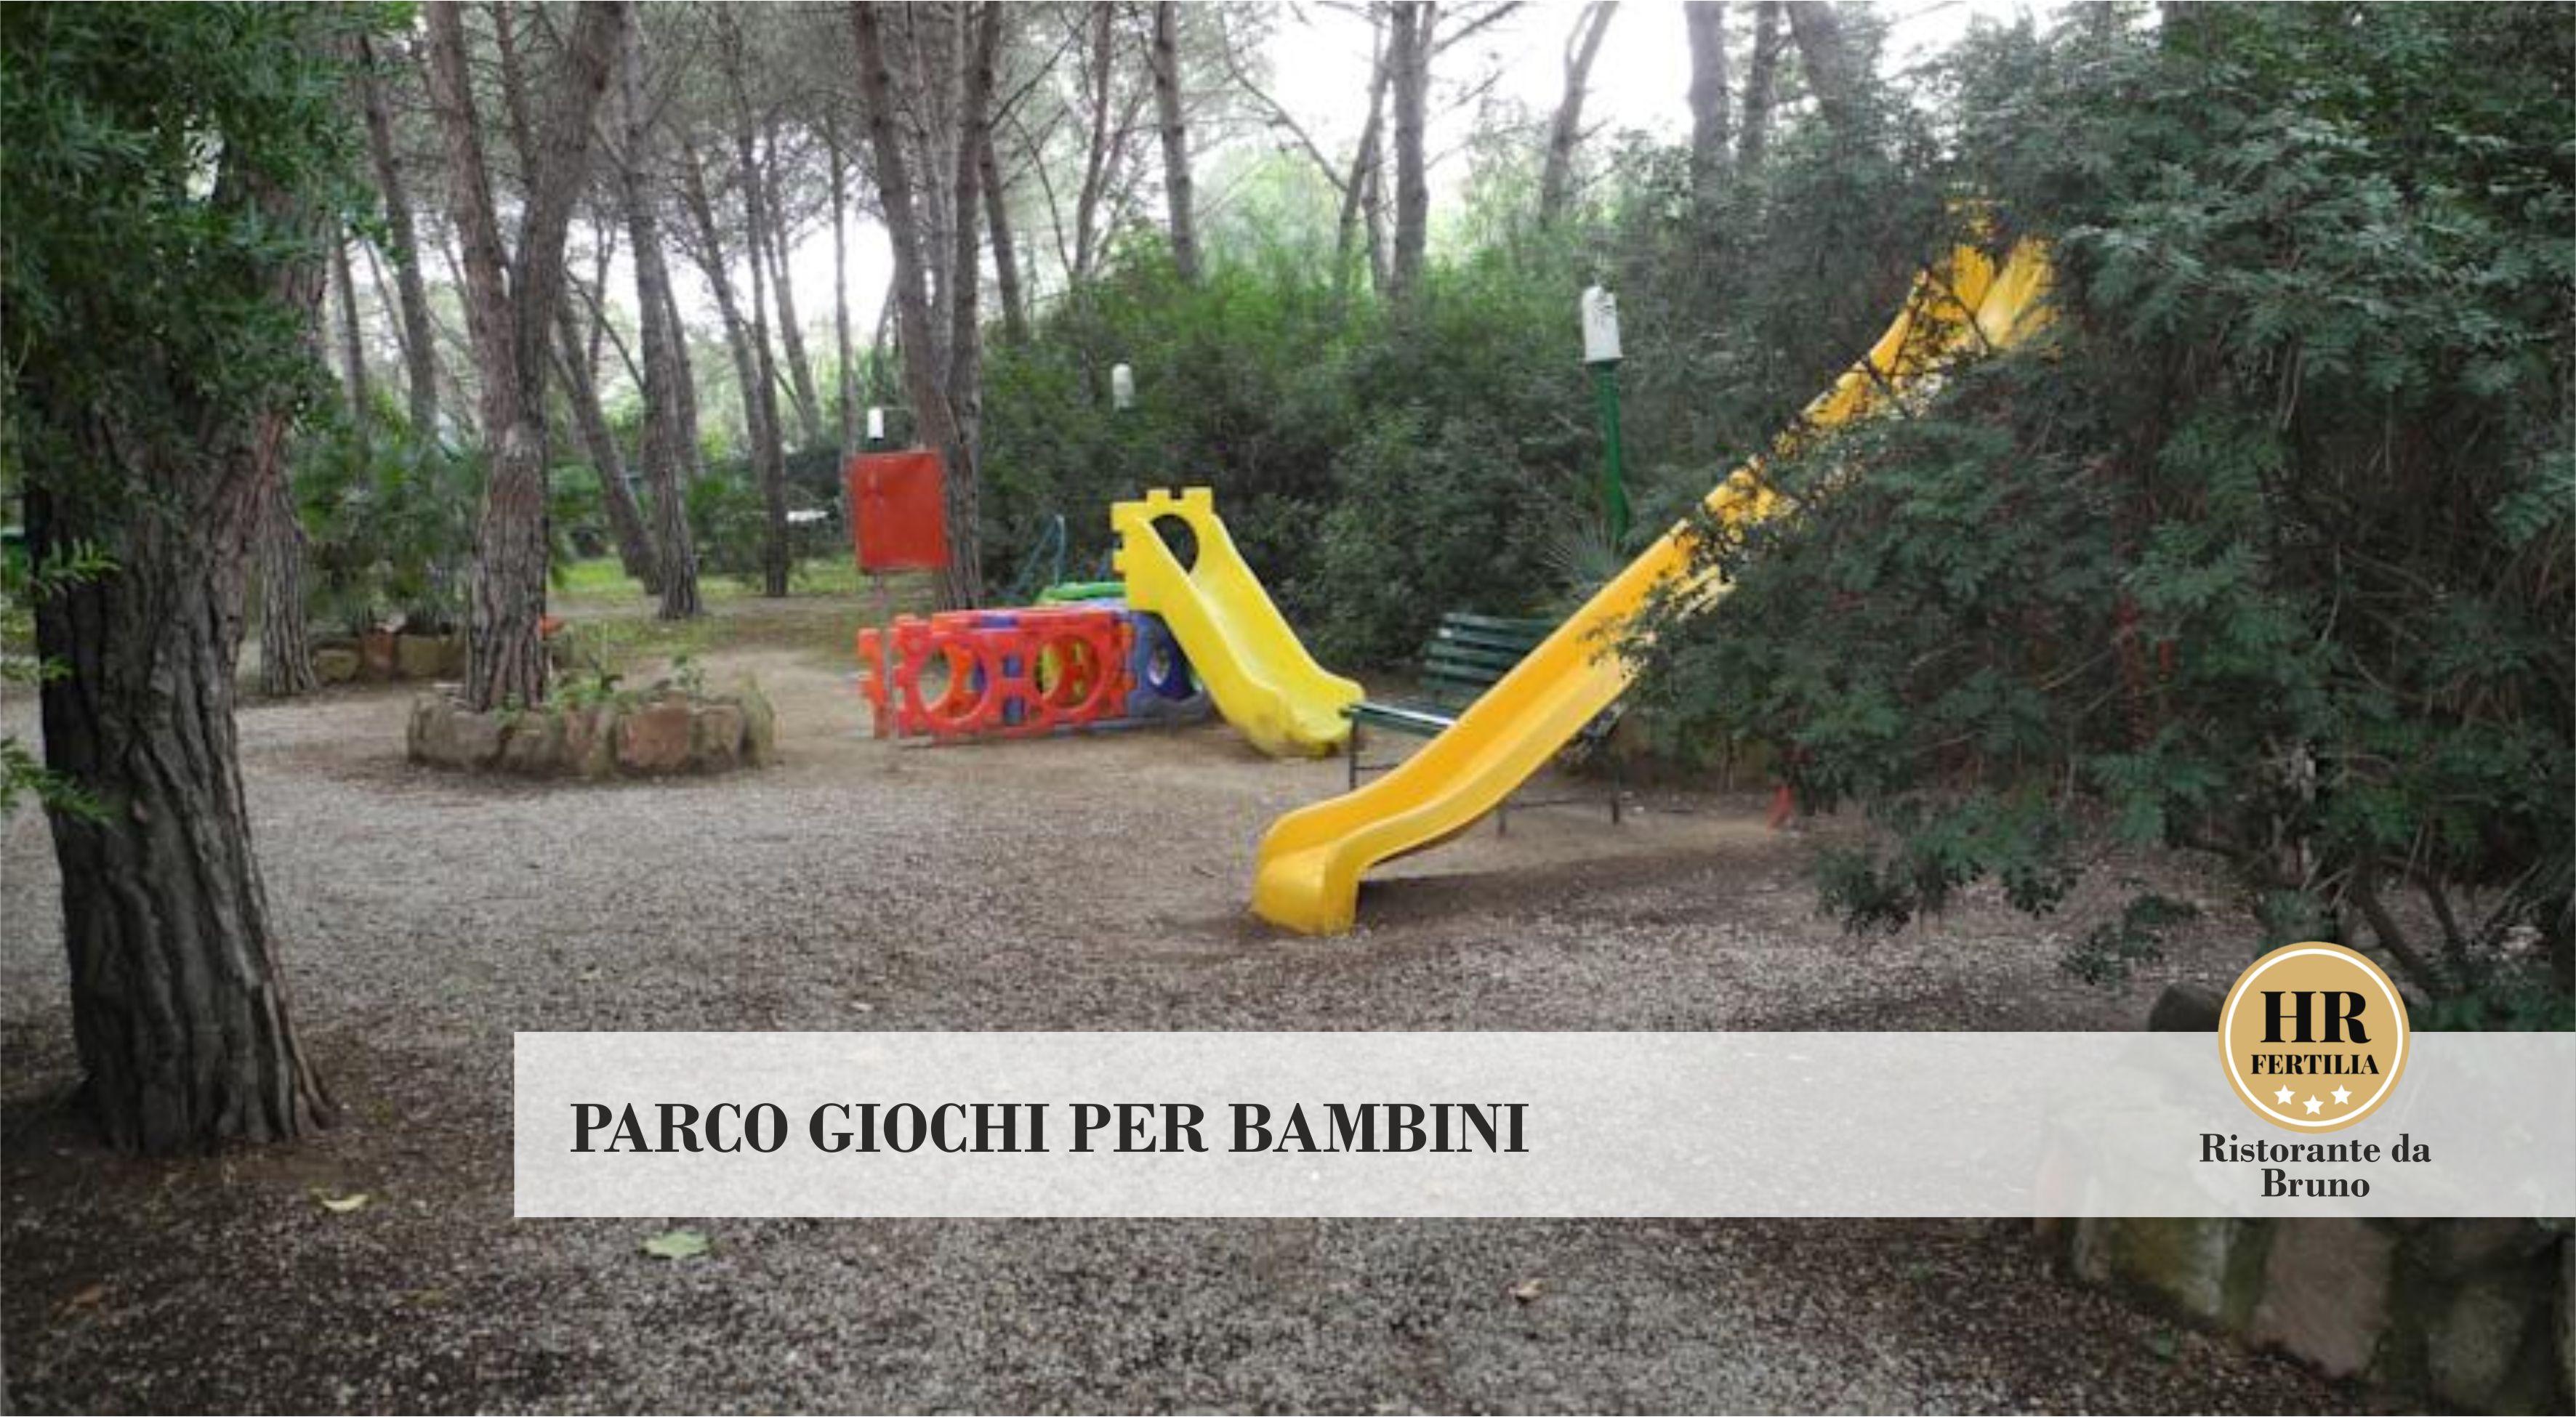 HOTEL FERTILIA CON PARCO GIOCHI BAMBINI